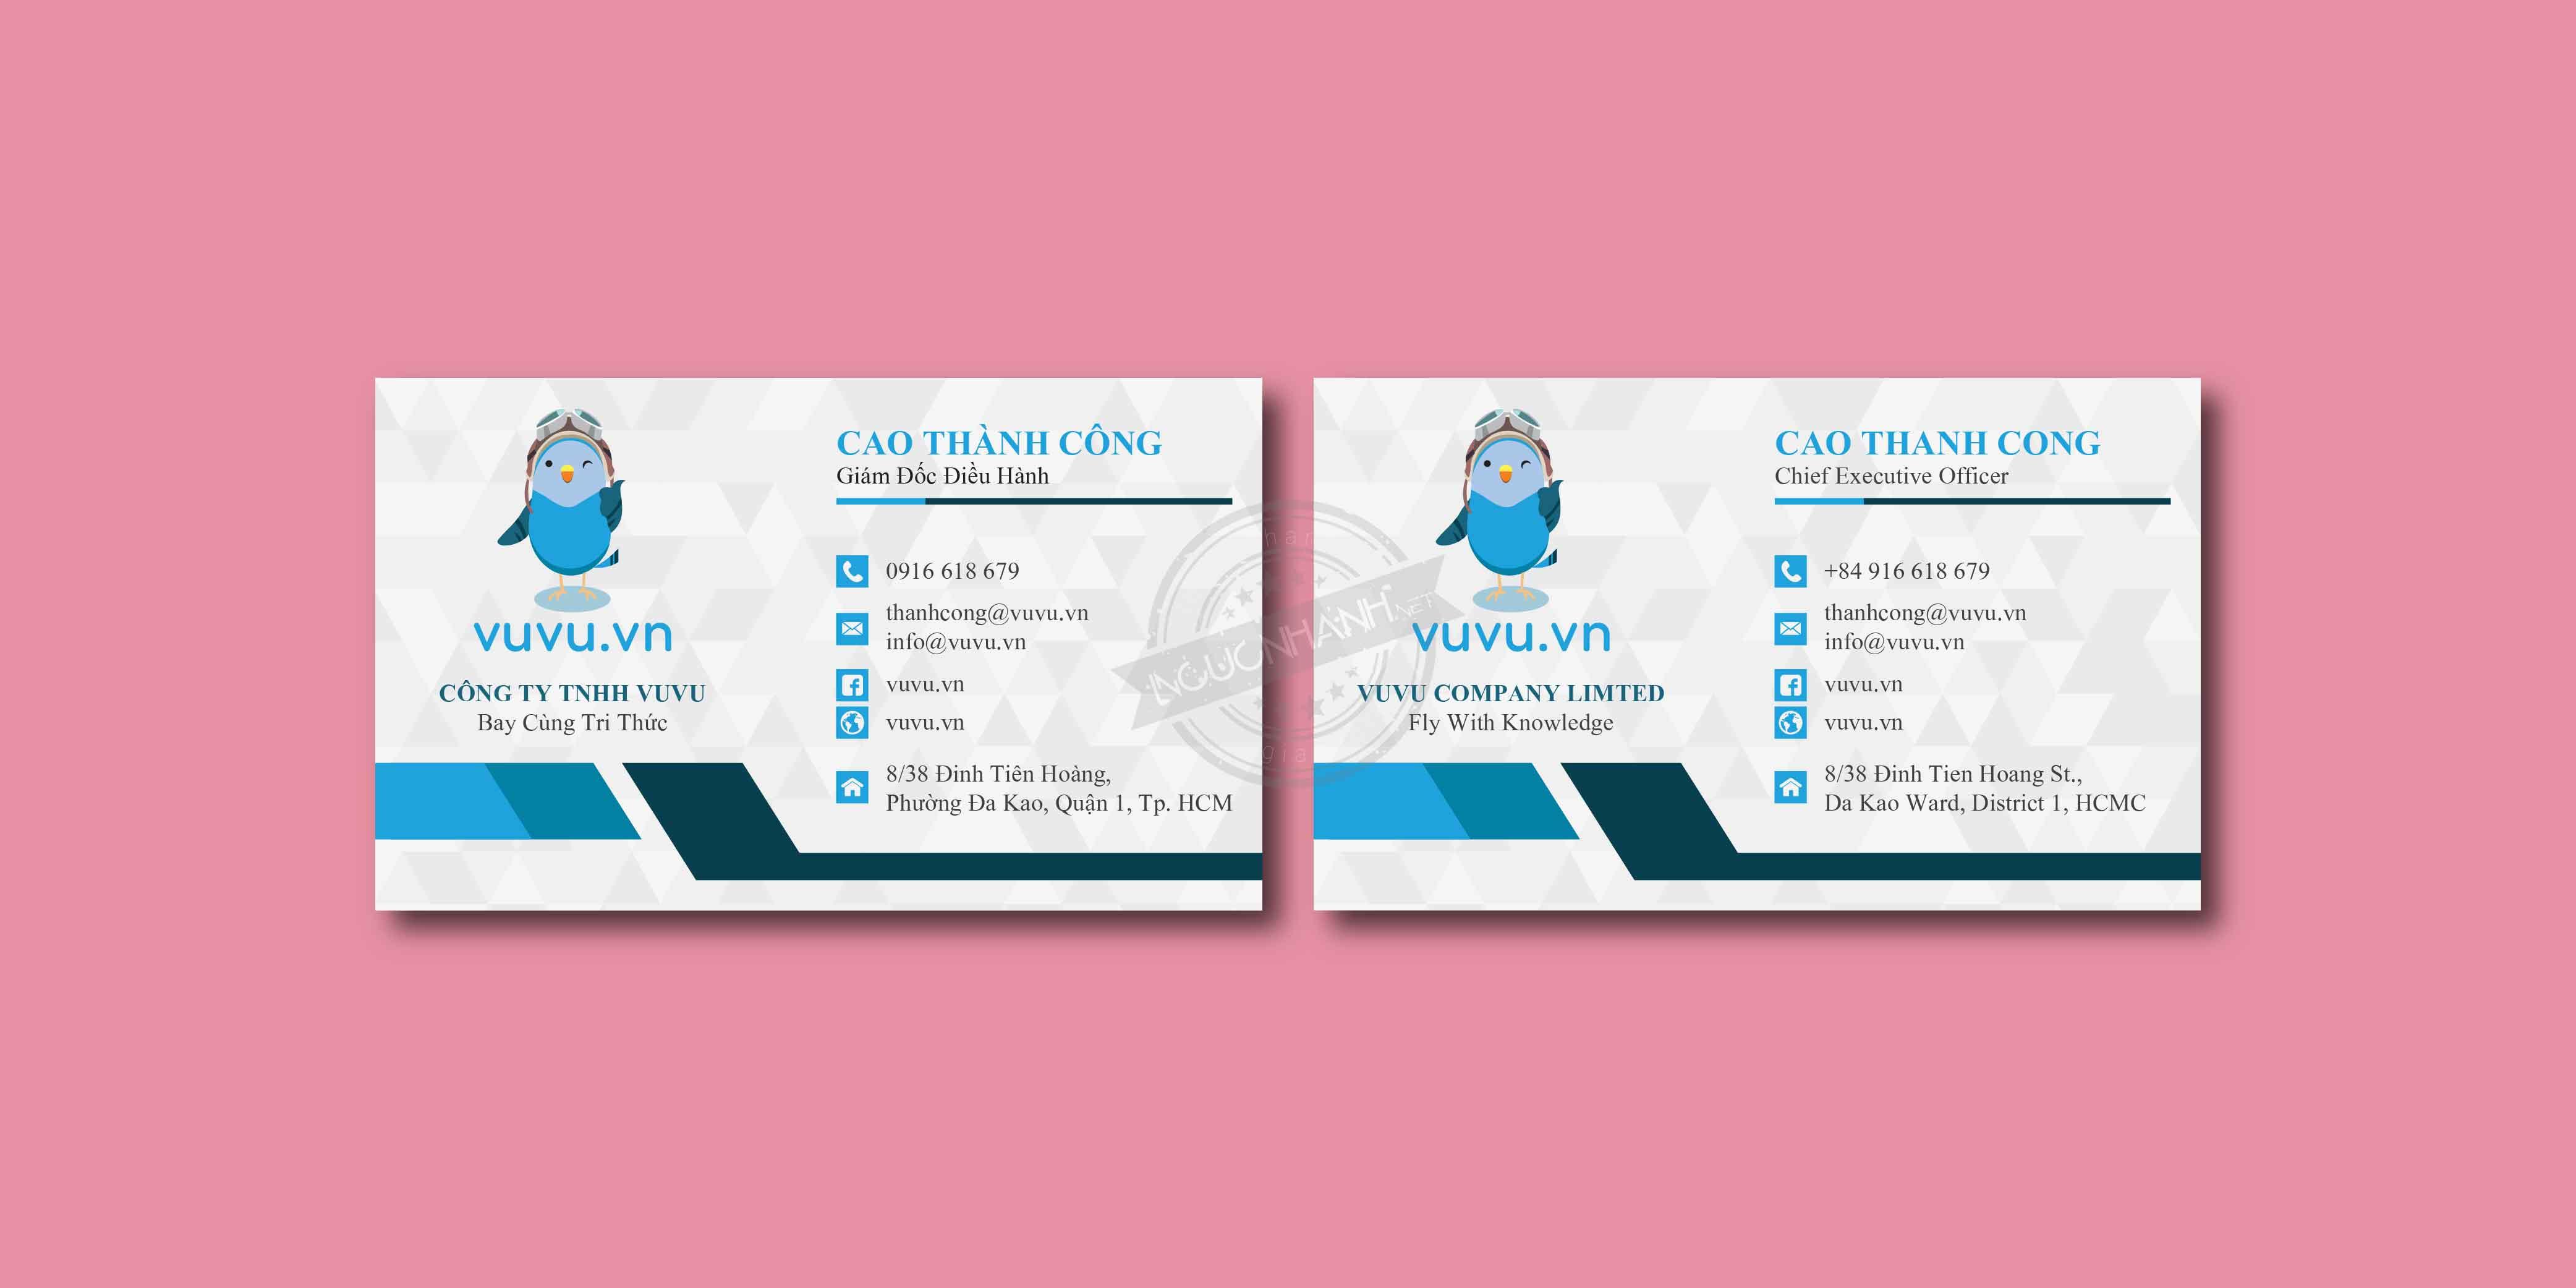 Các hình thức in name card phổ biến hiện nay